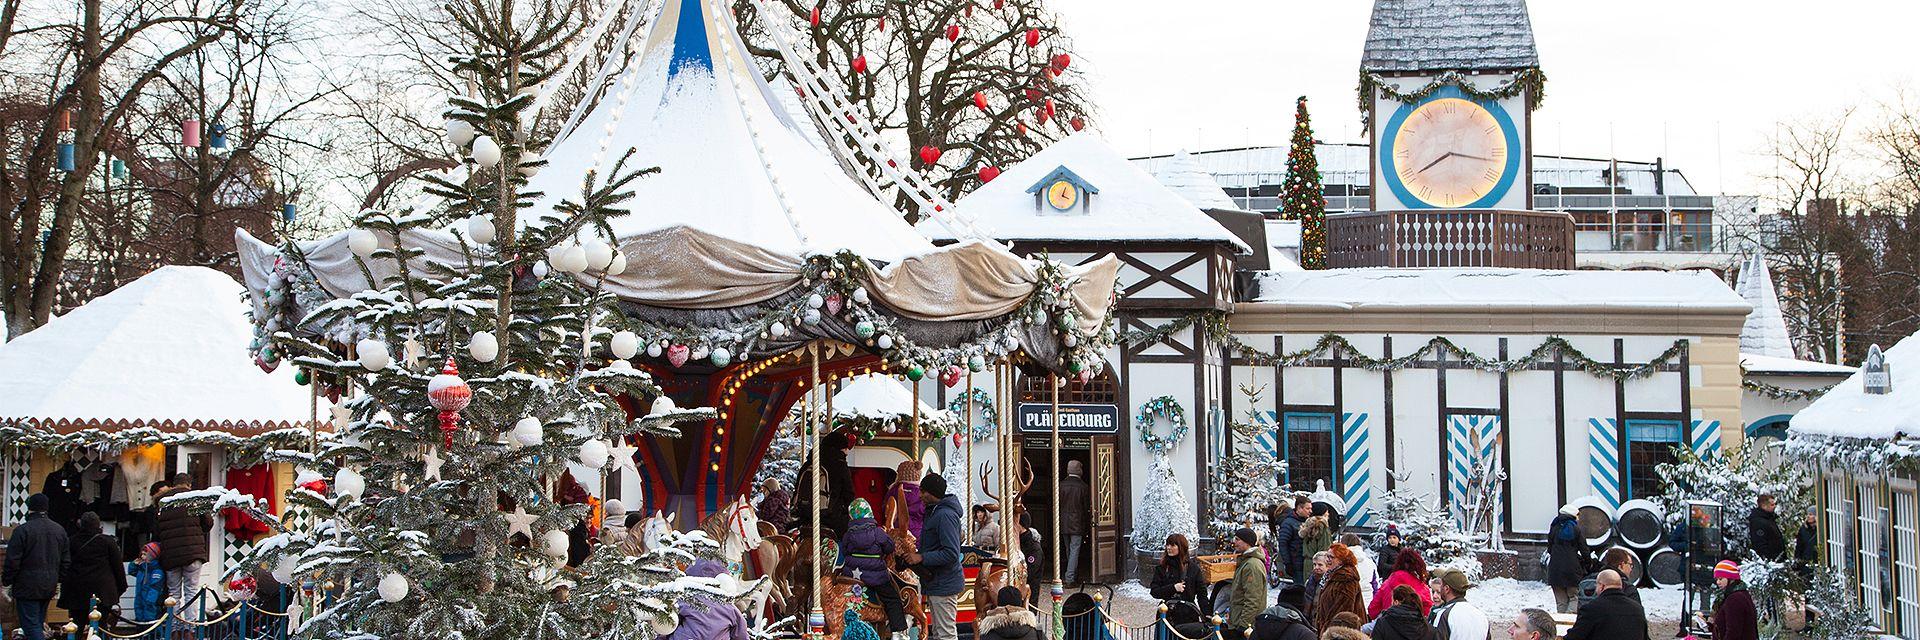 julemarked i tivoli